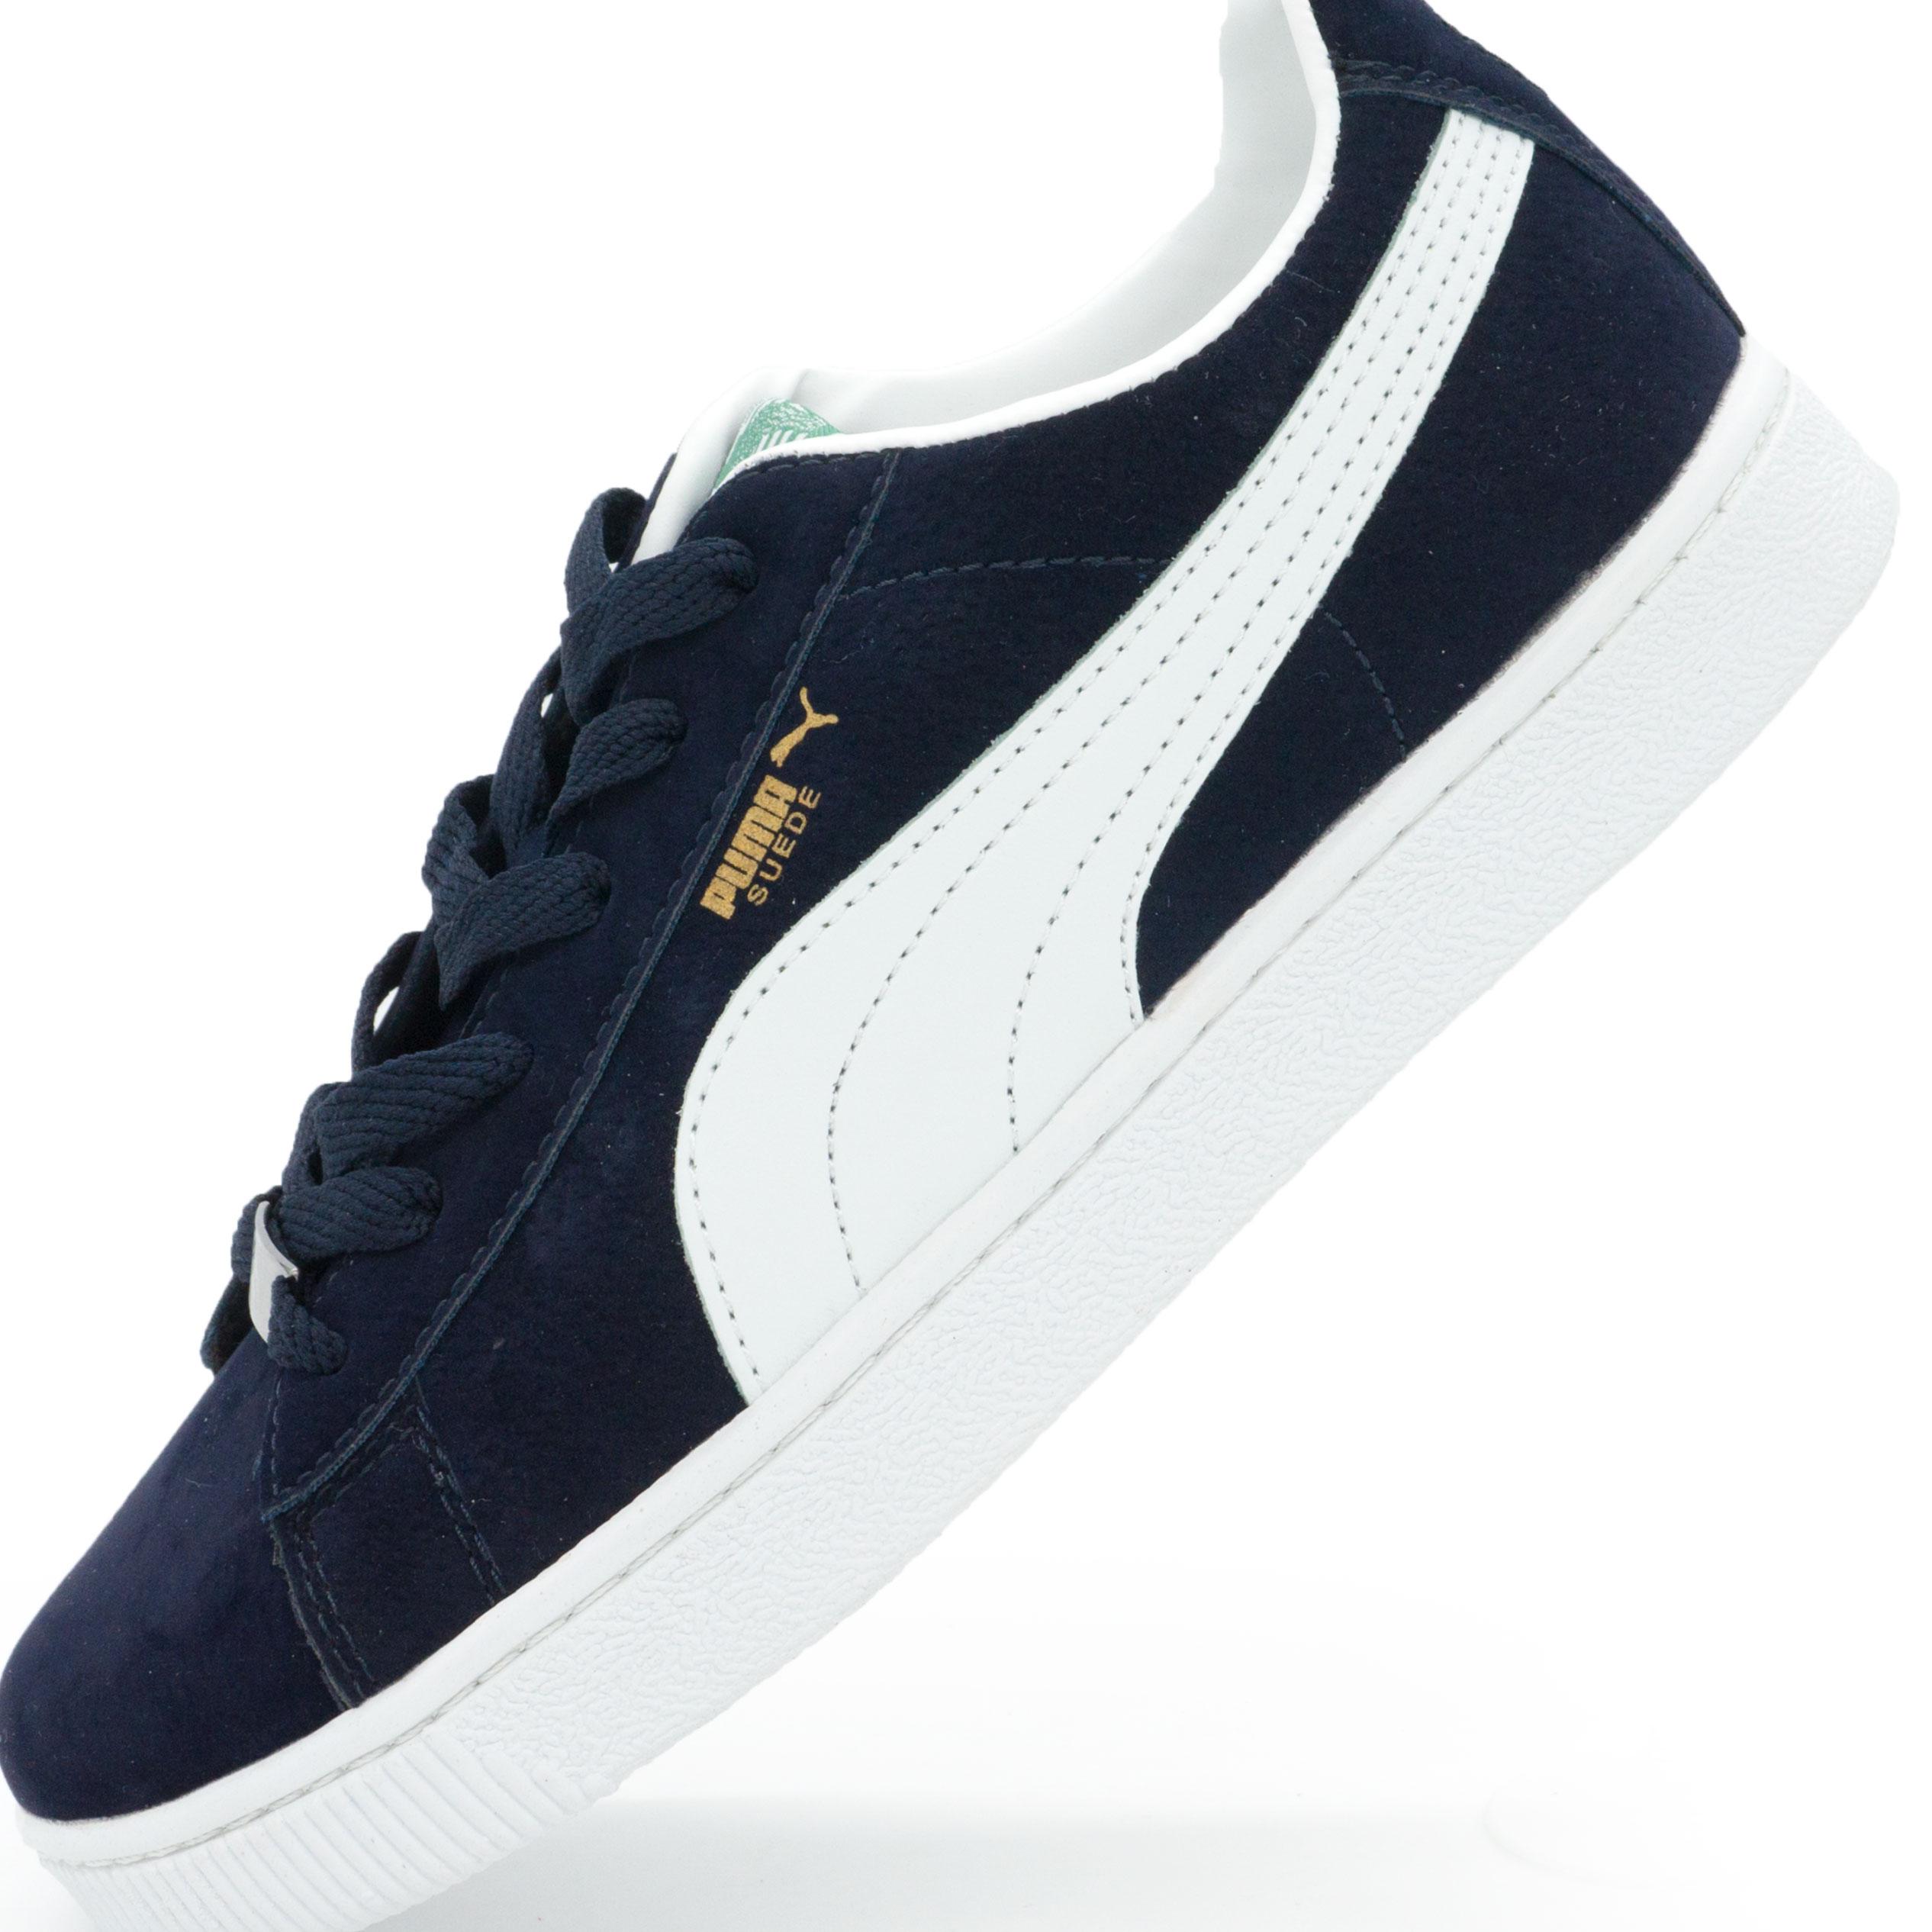 ... фото main Кроссовки Puma Suede classic темно синие Vietnam main ... 204c12ec595